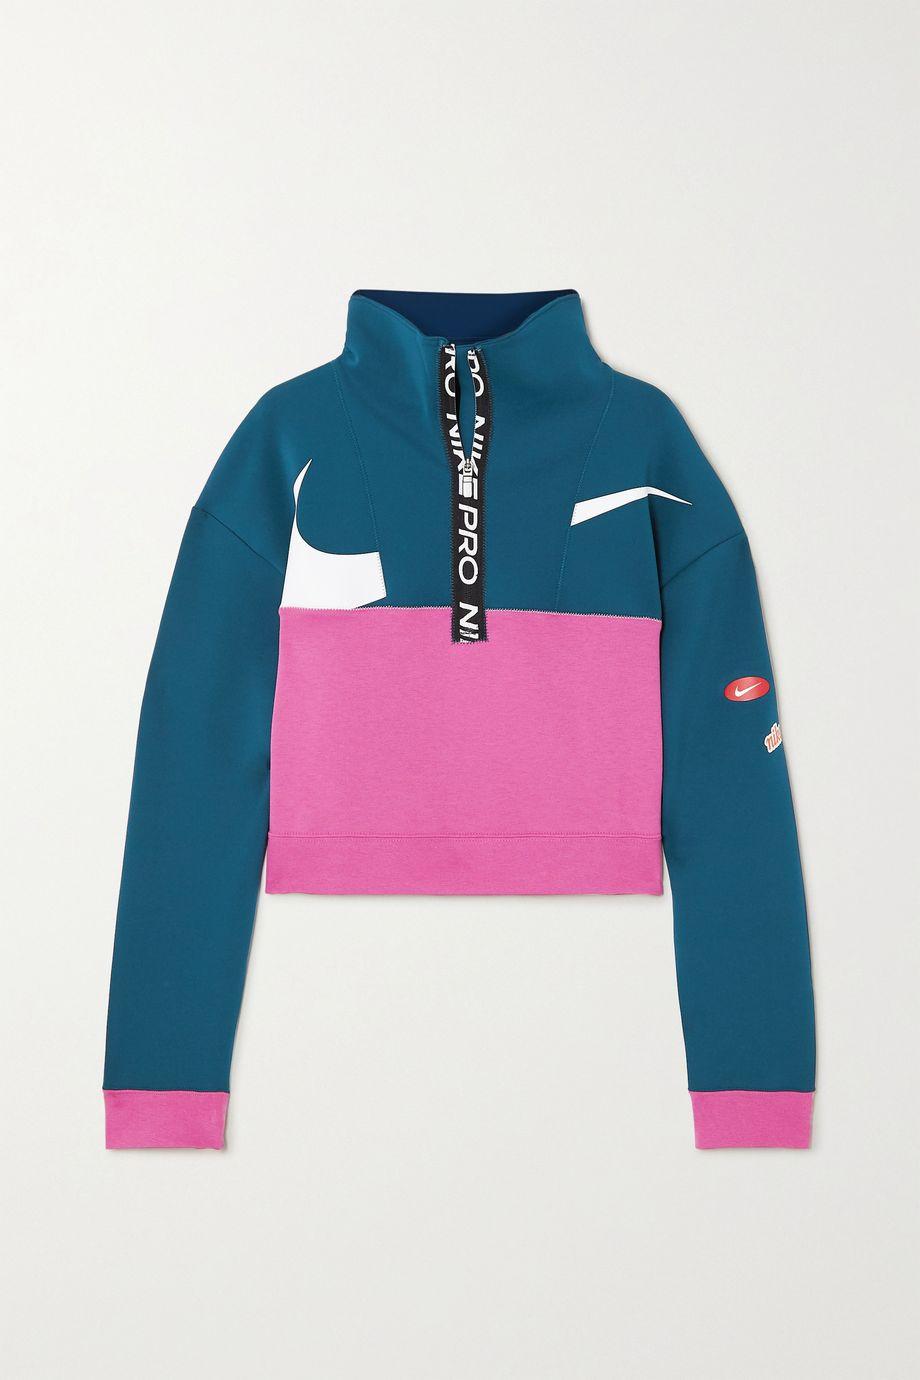 Nike Cropped color-block Dri-FIT fleece sweatshirt